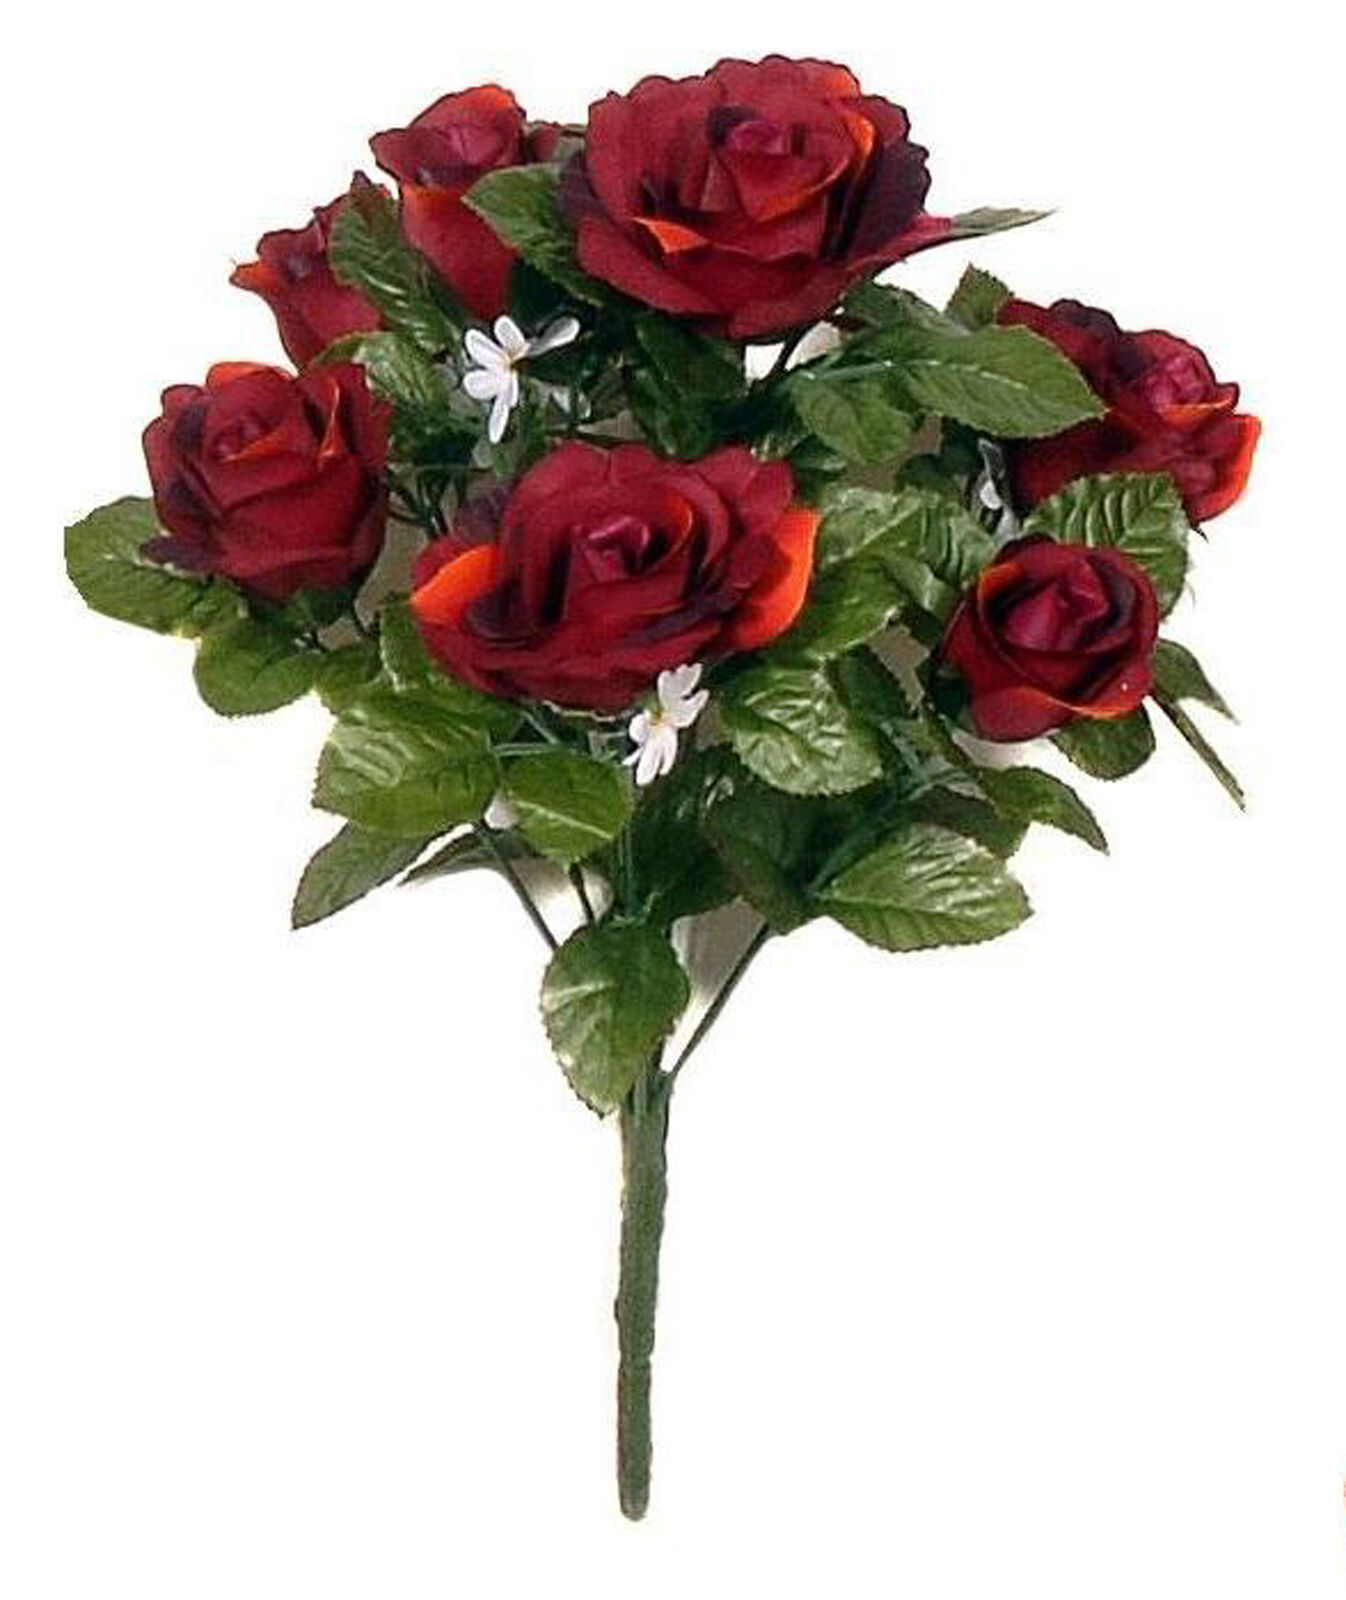 Burgundy Wedding Flower Bouquet: Burgundy Wedding Bouquet